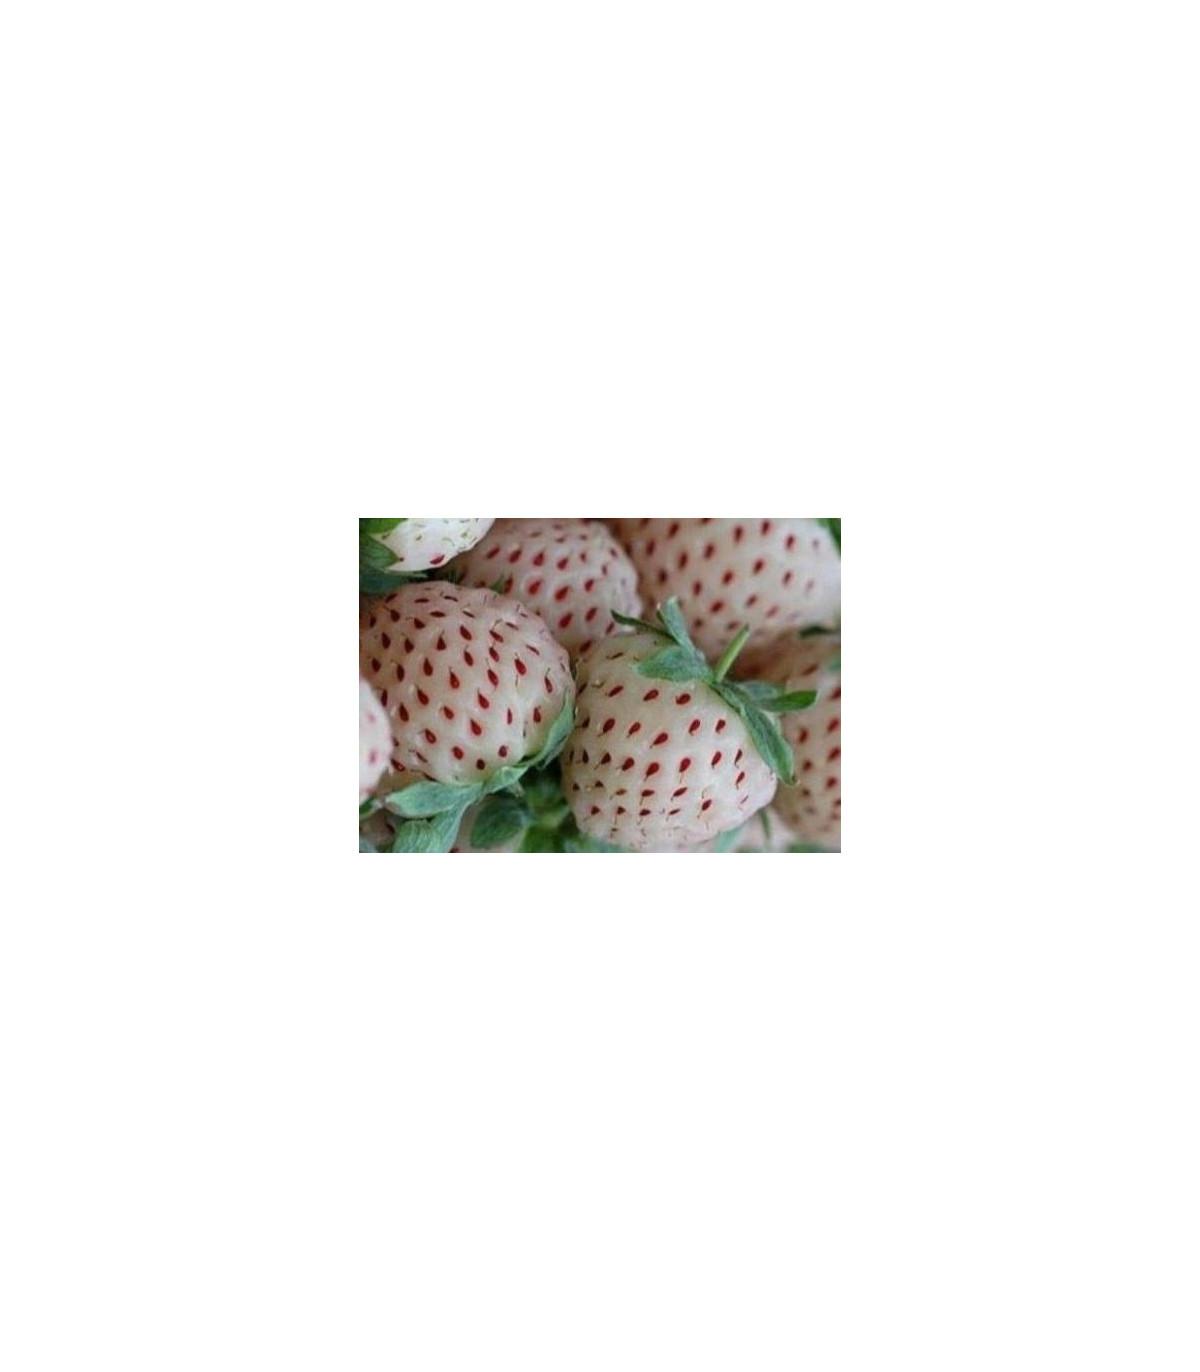 Jahodník biely - Fragaria vesca - predaj semien jahodníku - 10 ks